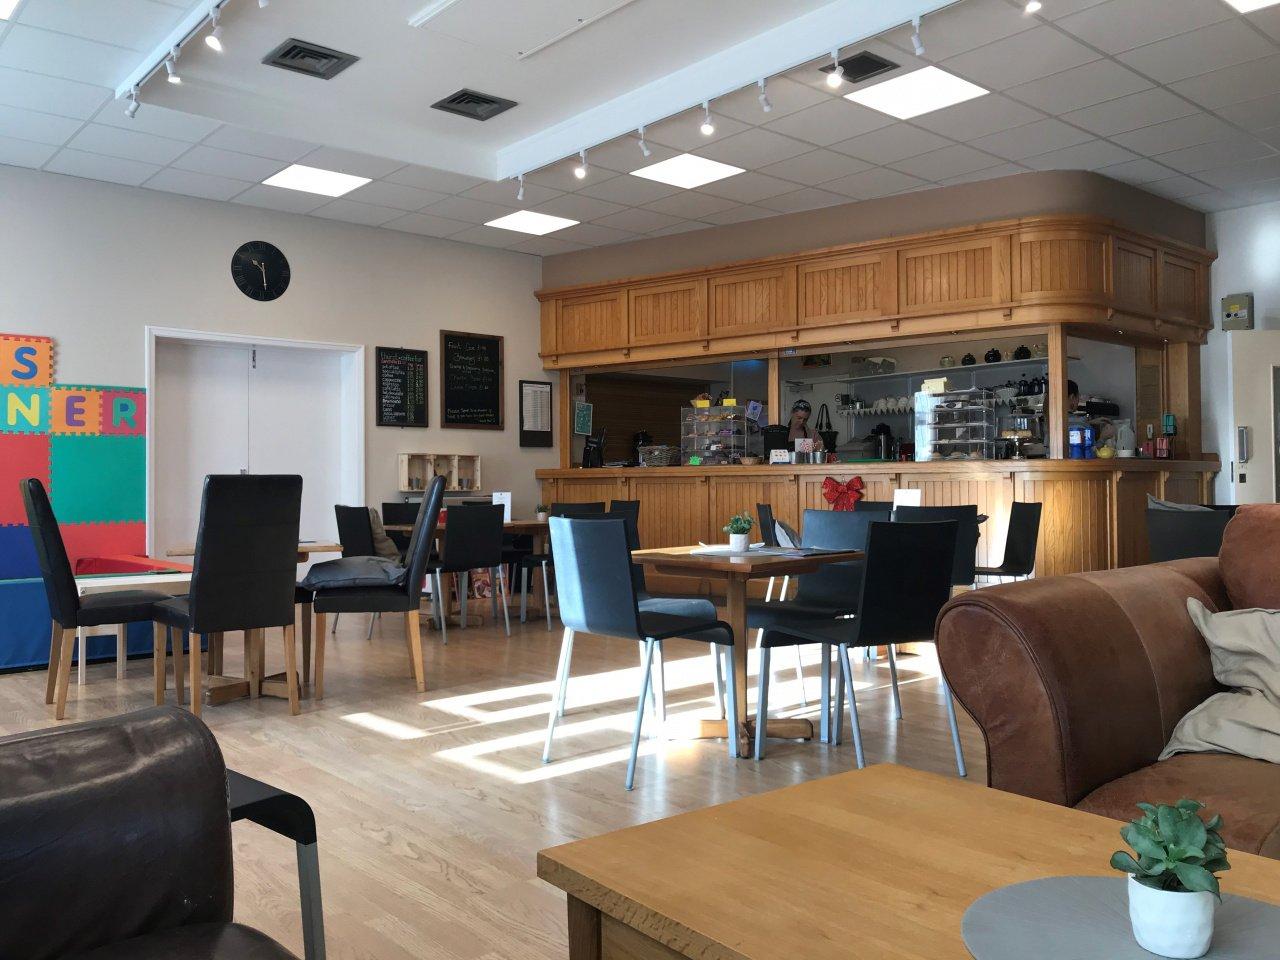 Thurst Cafe